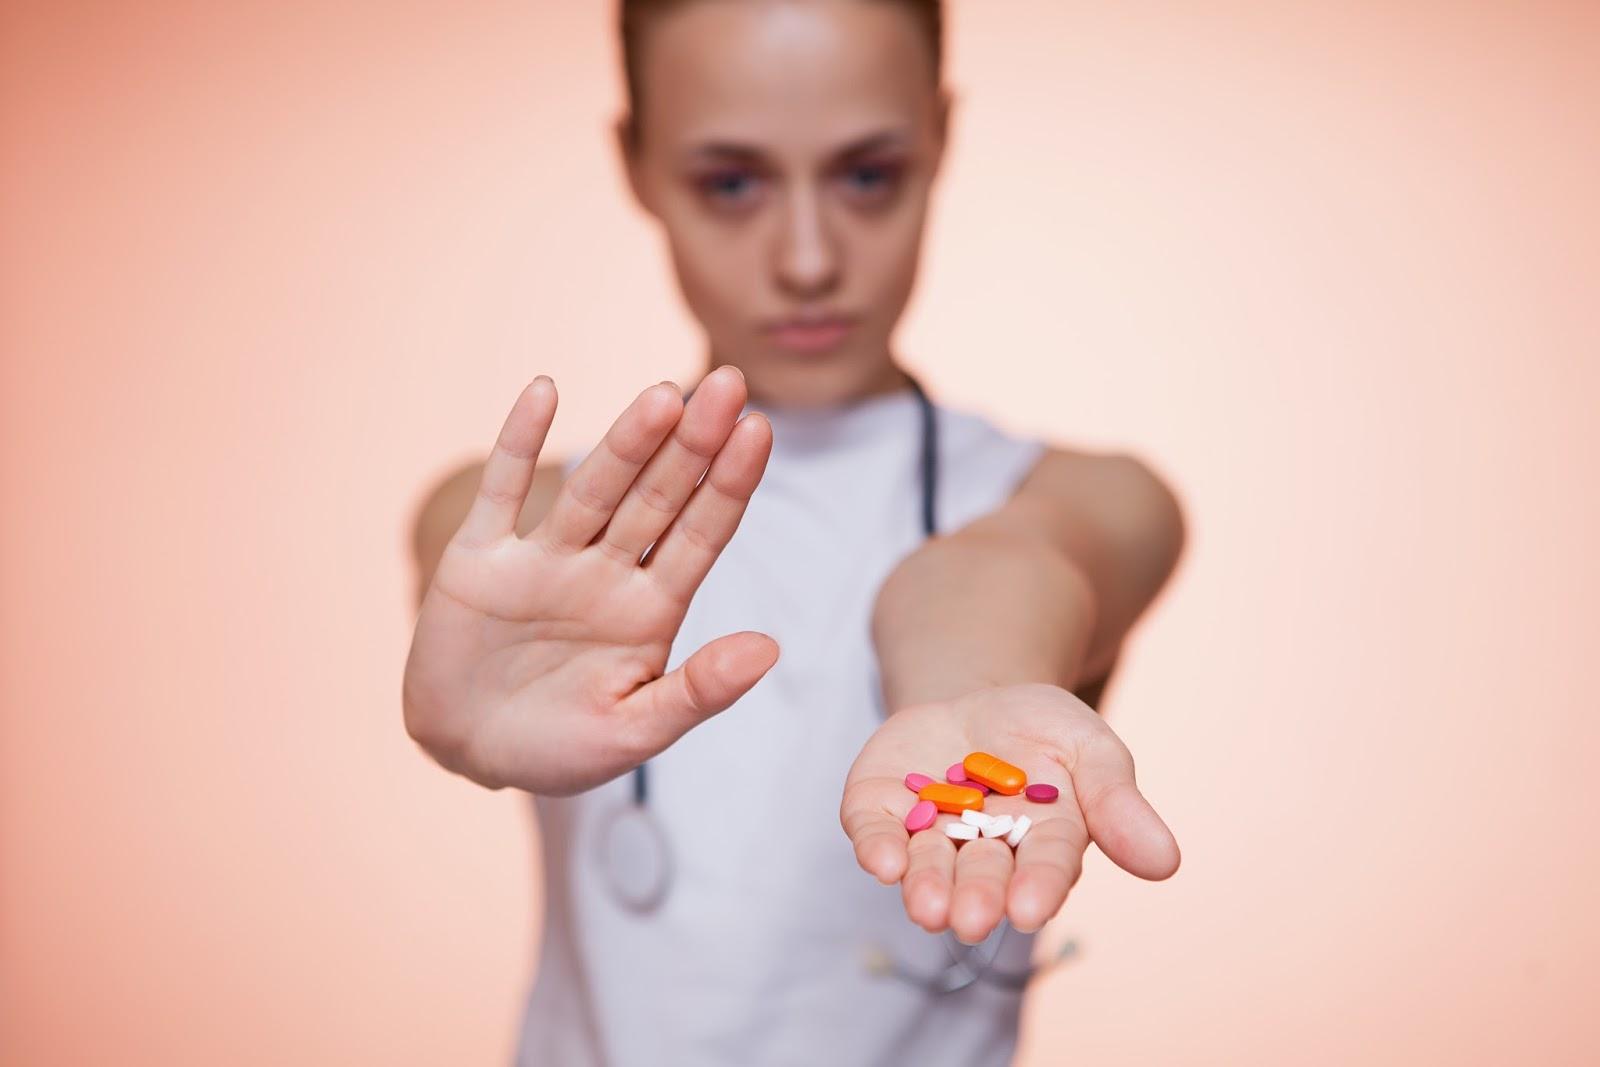 Какие последствия и осложнения могут быть при неправильном лечении гепатита с